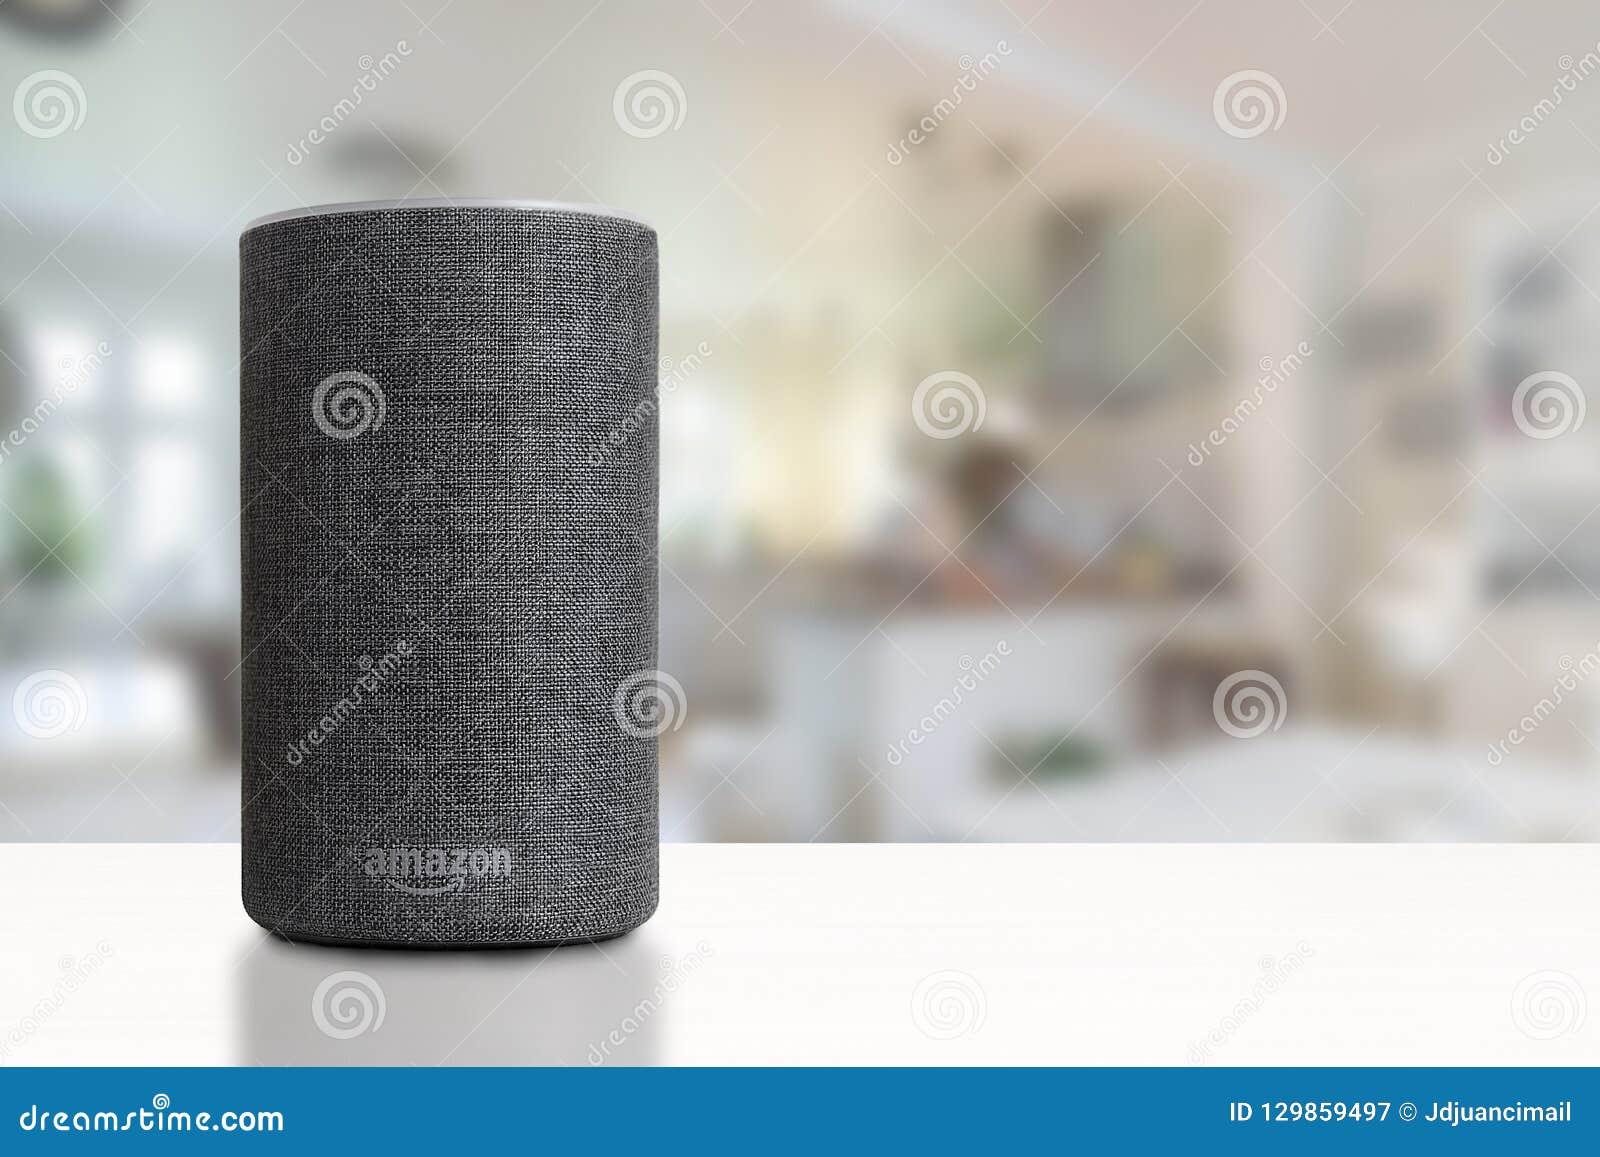 BARCELONA - EM OUTUBRO DE 2018: Serviço de Echo Smart Home Alexa Voice das Amazonas em uma sala de visitas